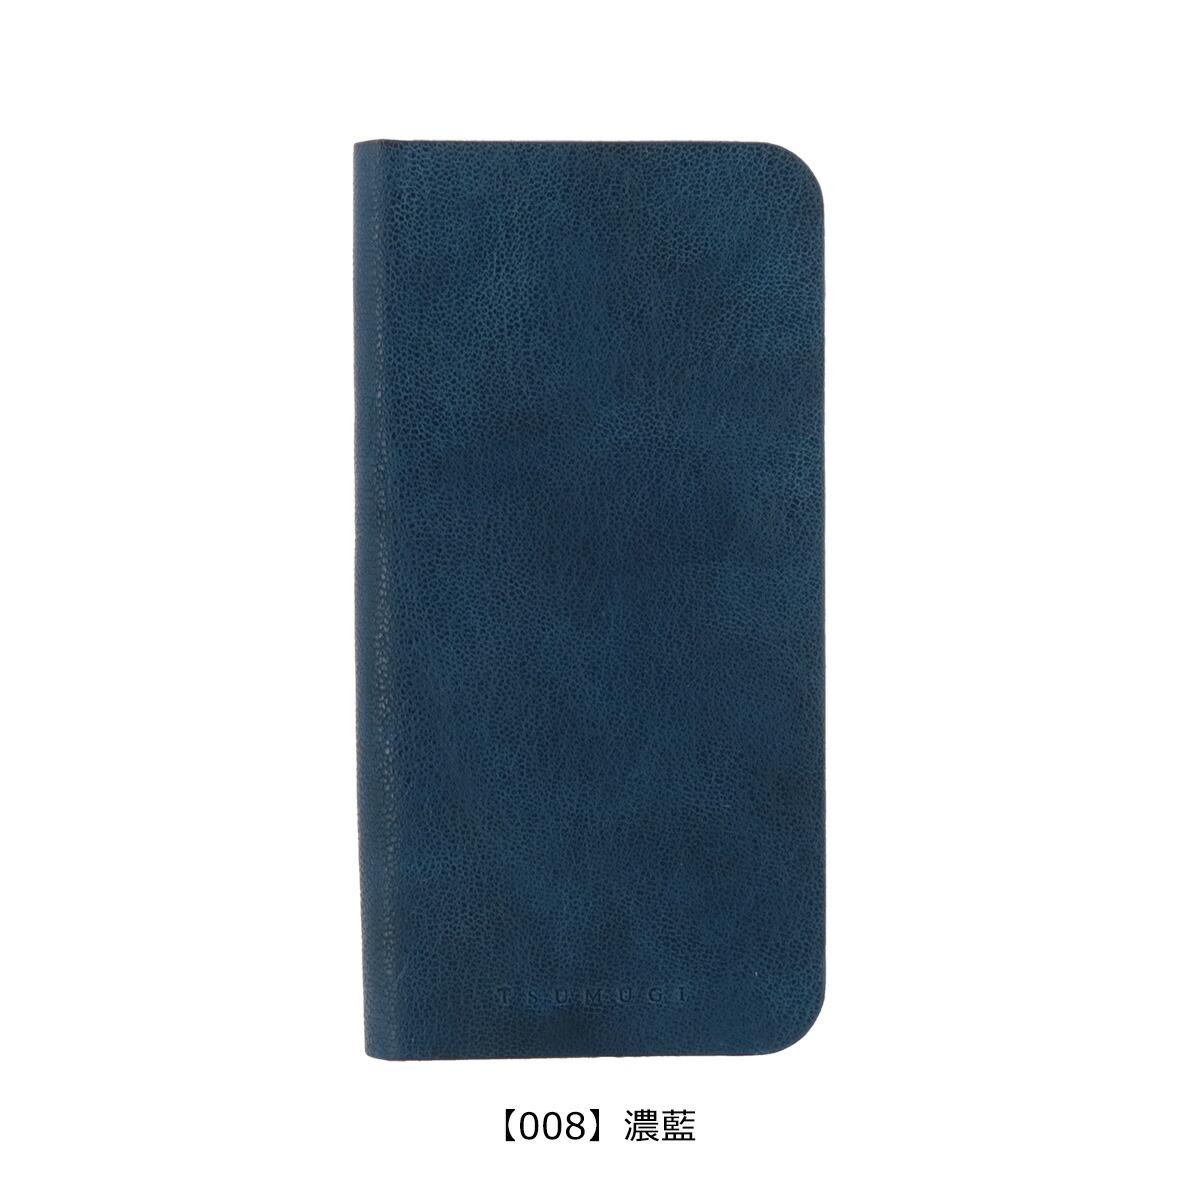 【008】濃藍